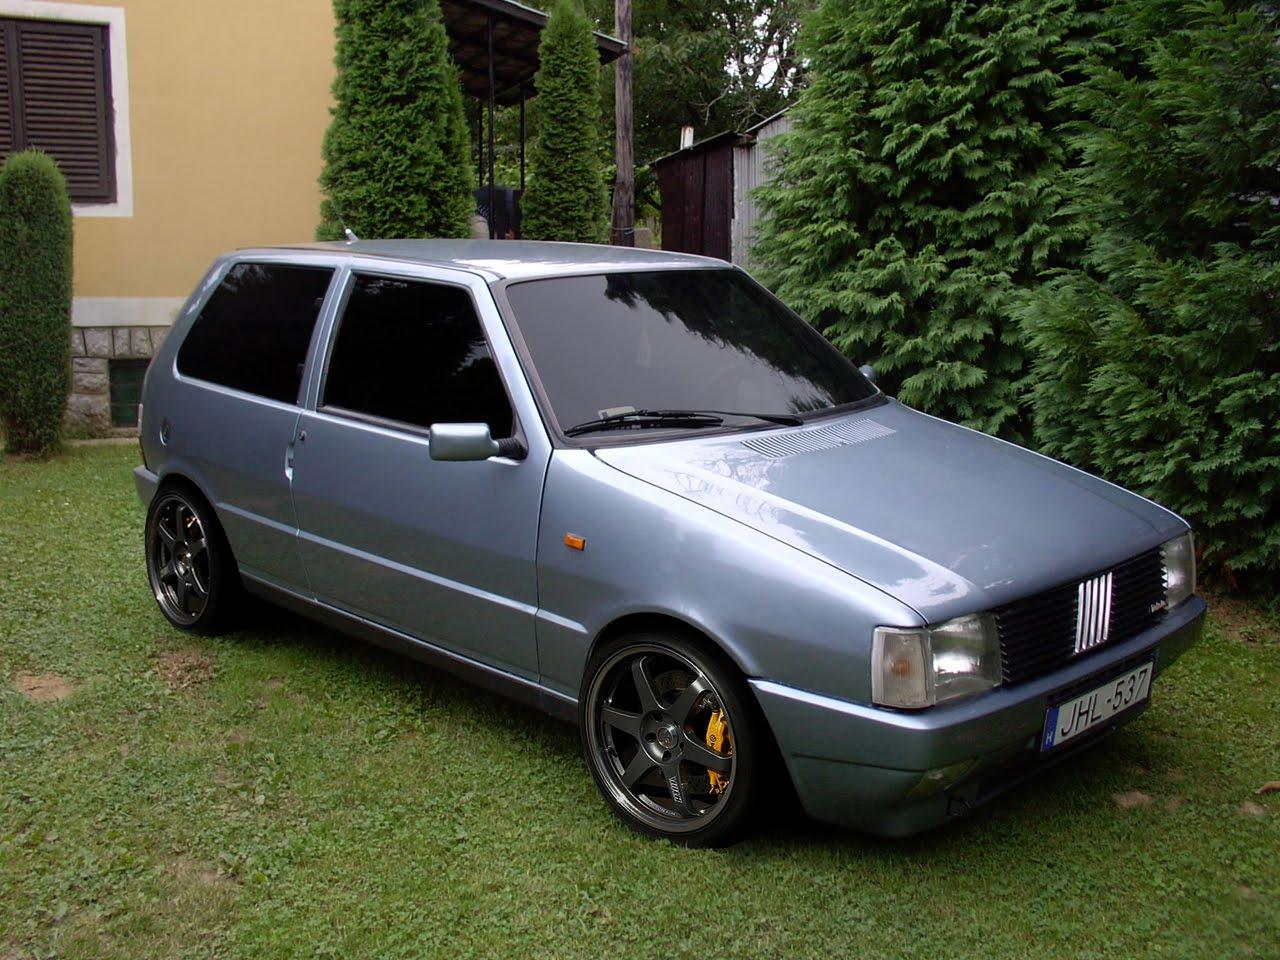 Fiat Uno Turbo Tuning